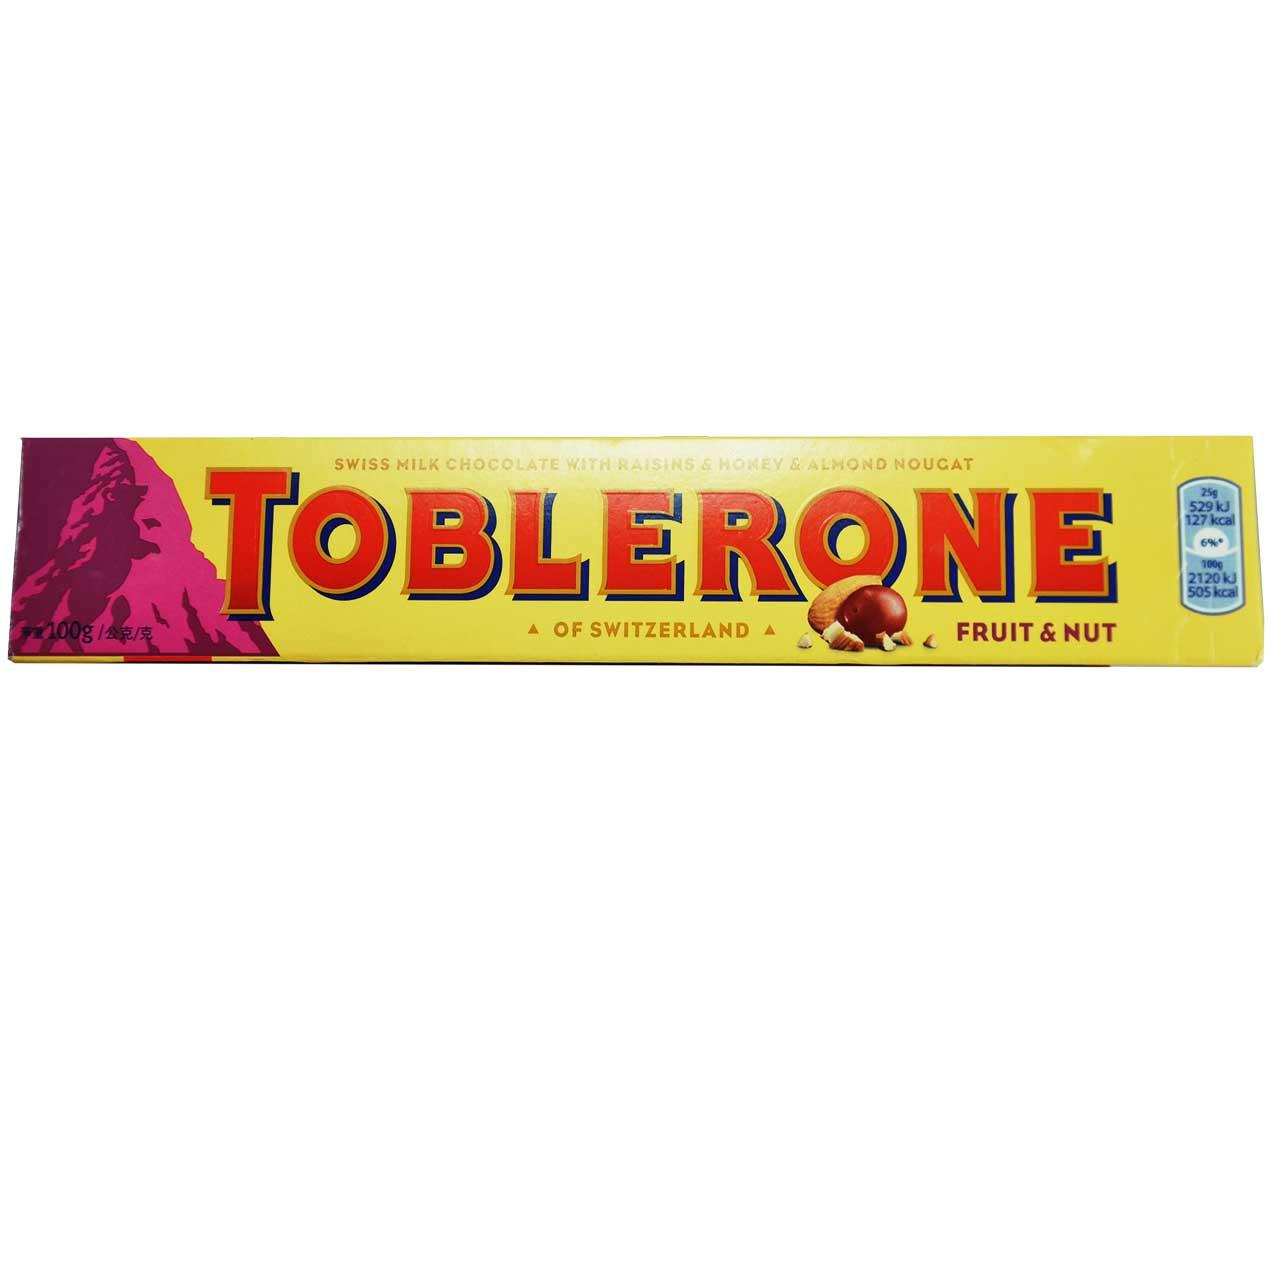 شکلات بابادام تابلرون